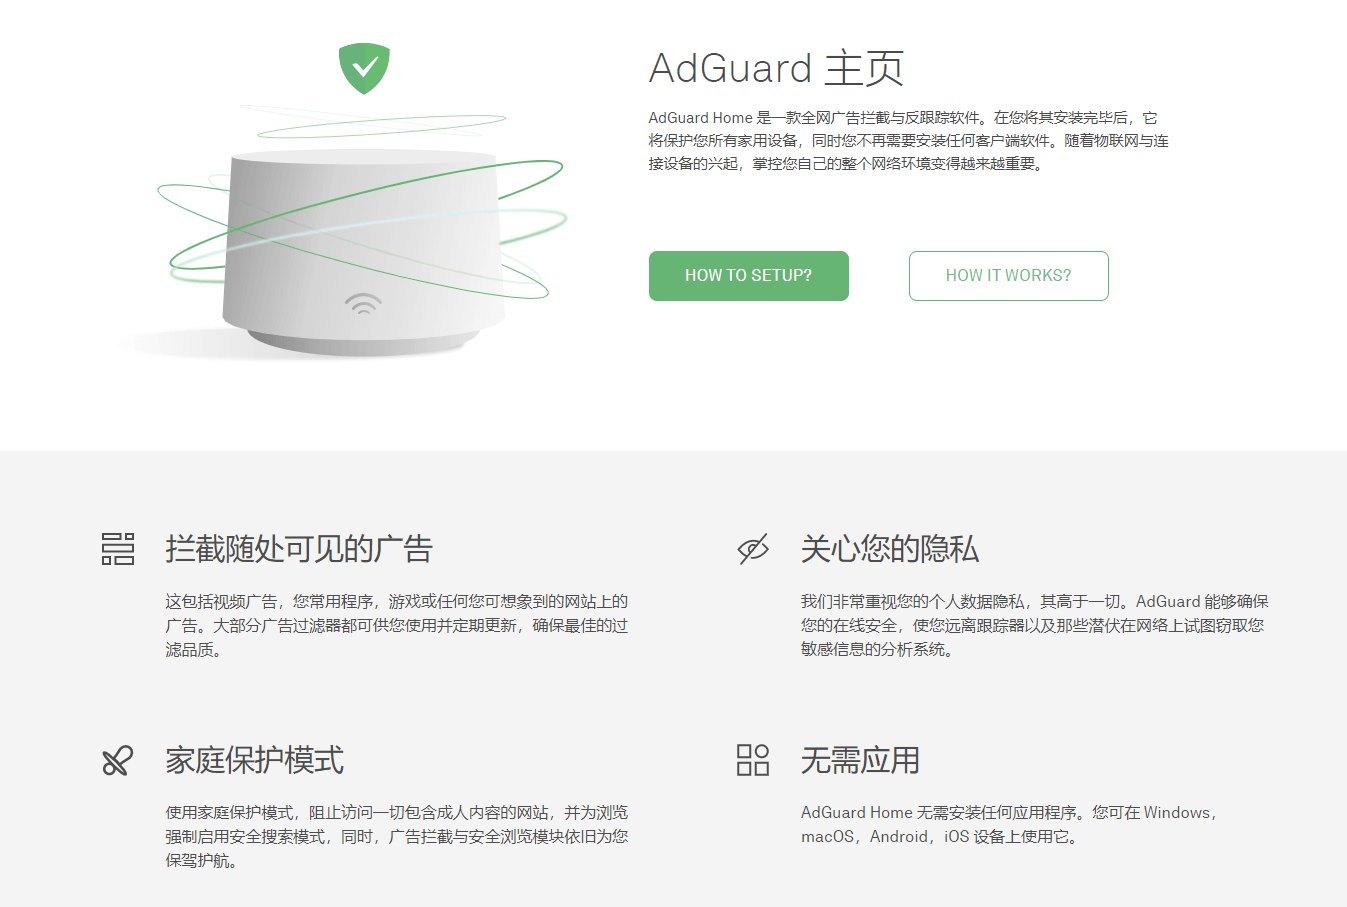 在PVE下用 AdGuard Home搭建一个带广告过滤的私有DNS服务器及优化部署